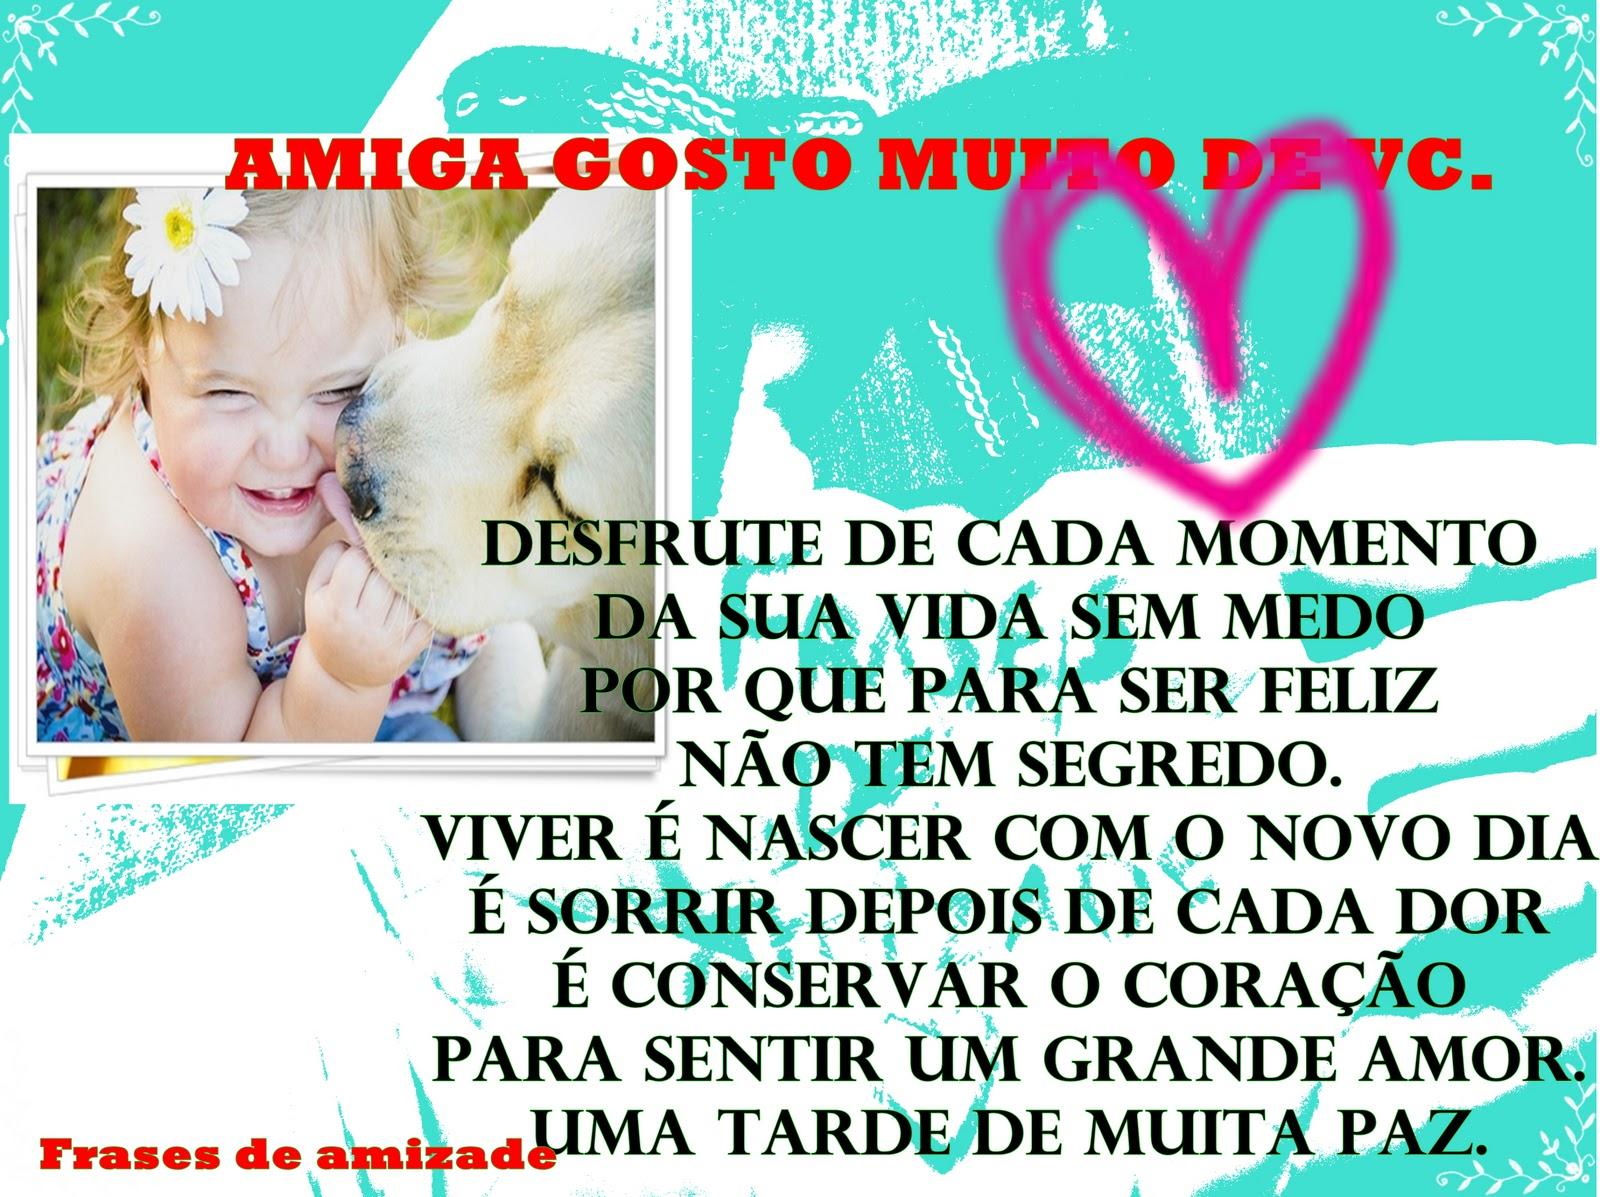 Frases De Amizades ♥♥: ♥♥Amiga Gosto Muito De Vc♥♥